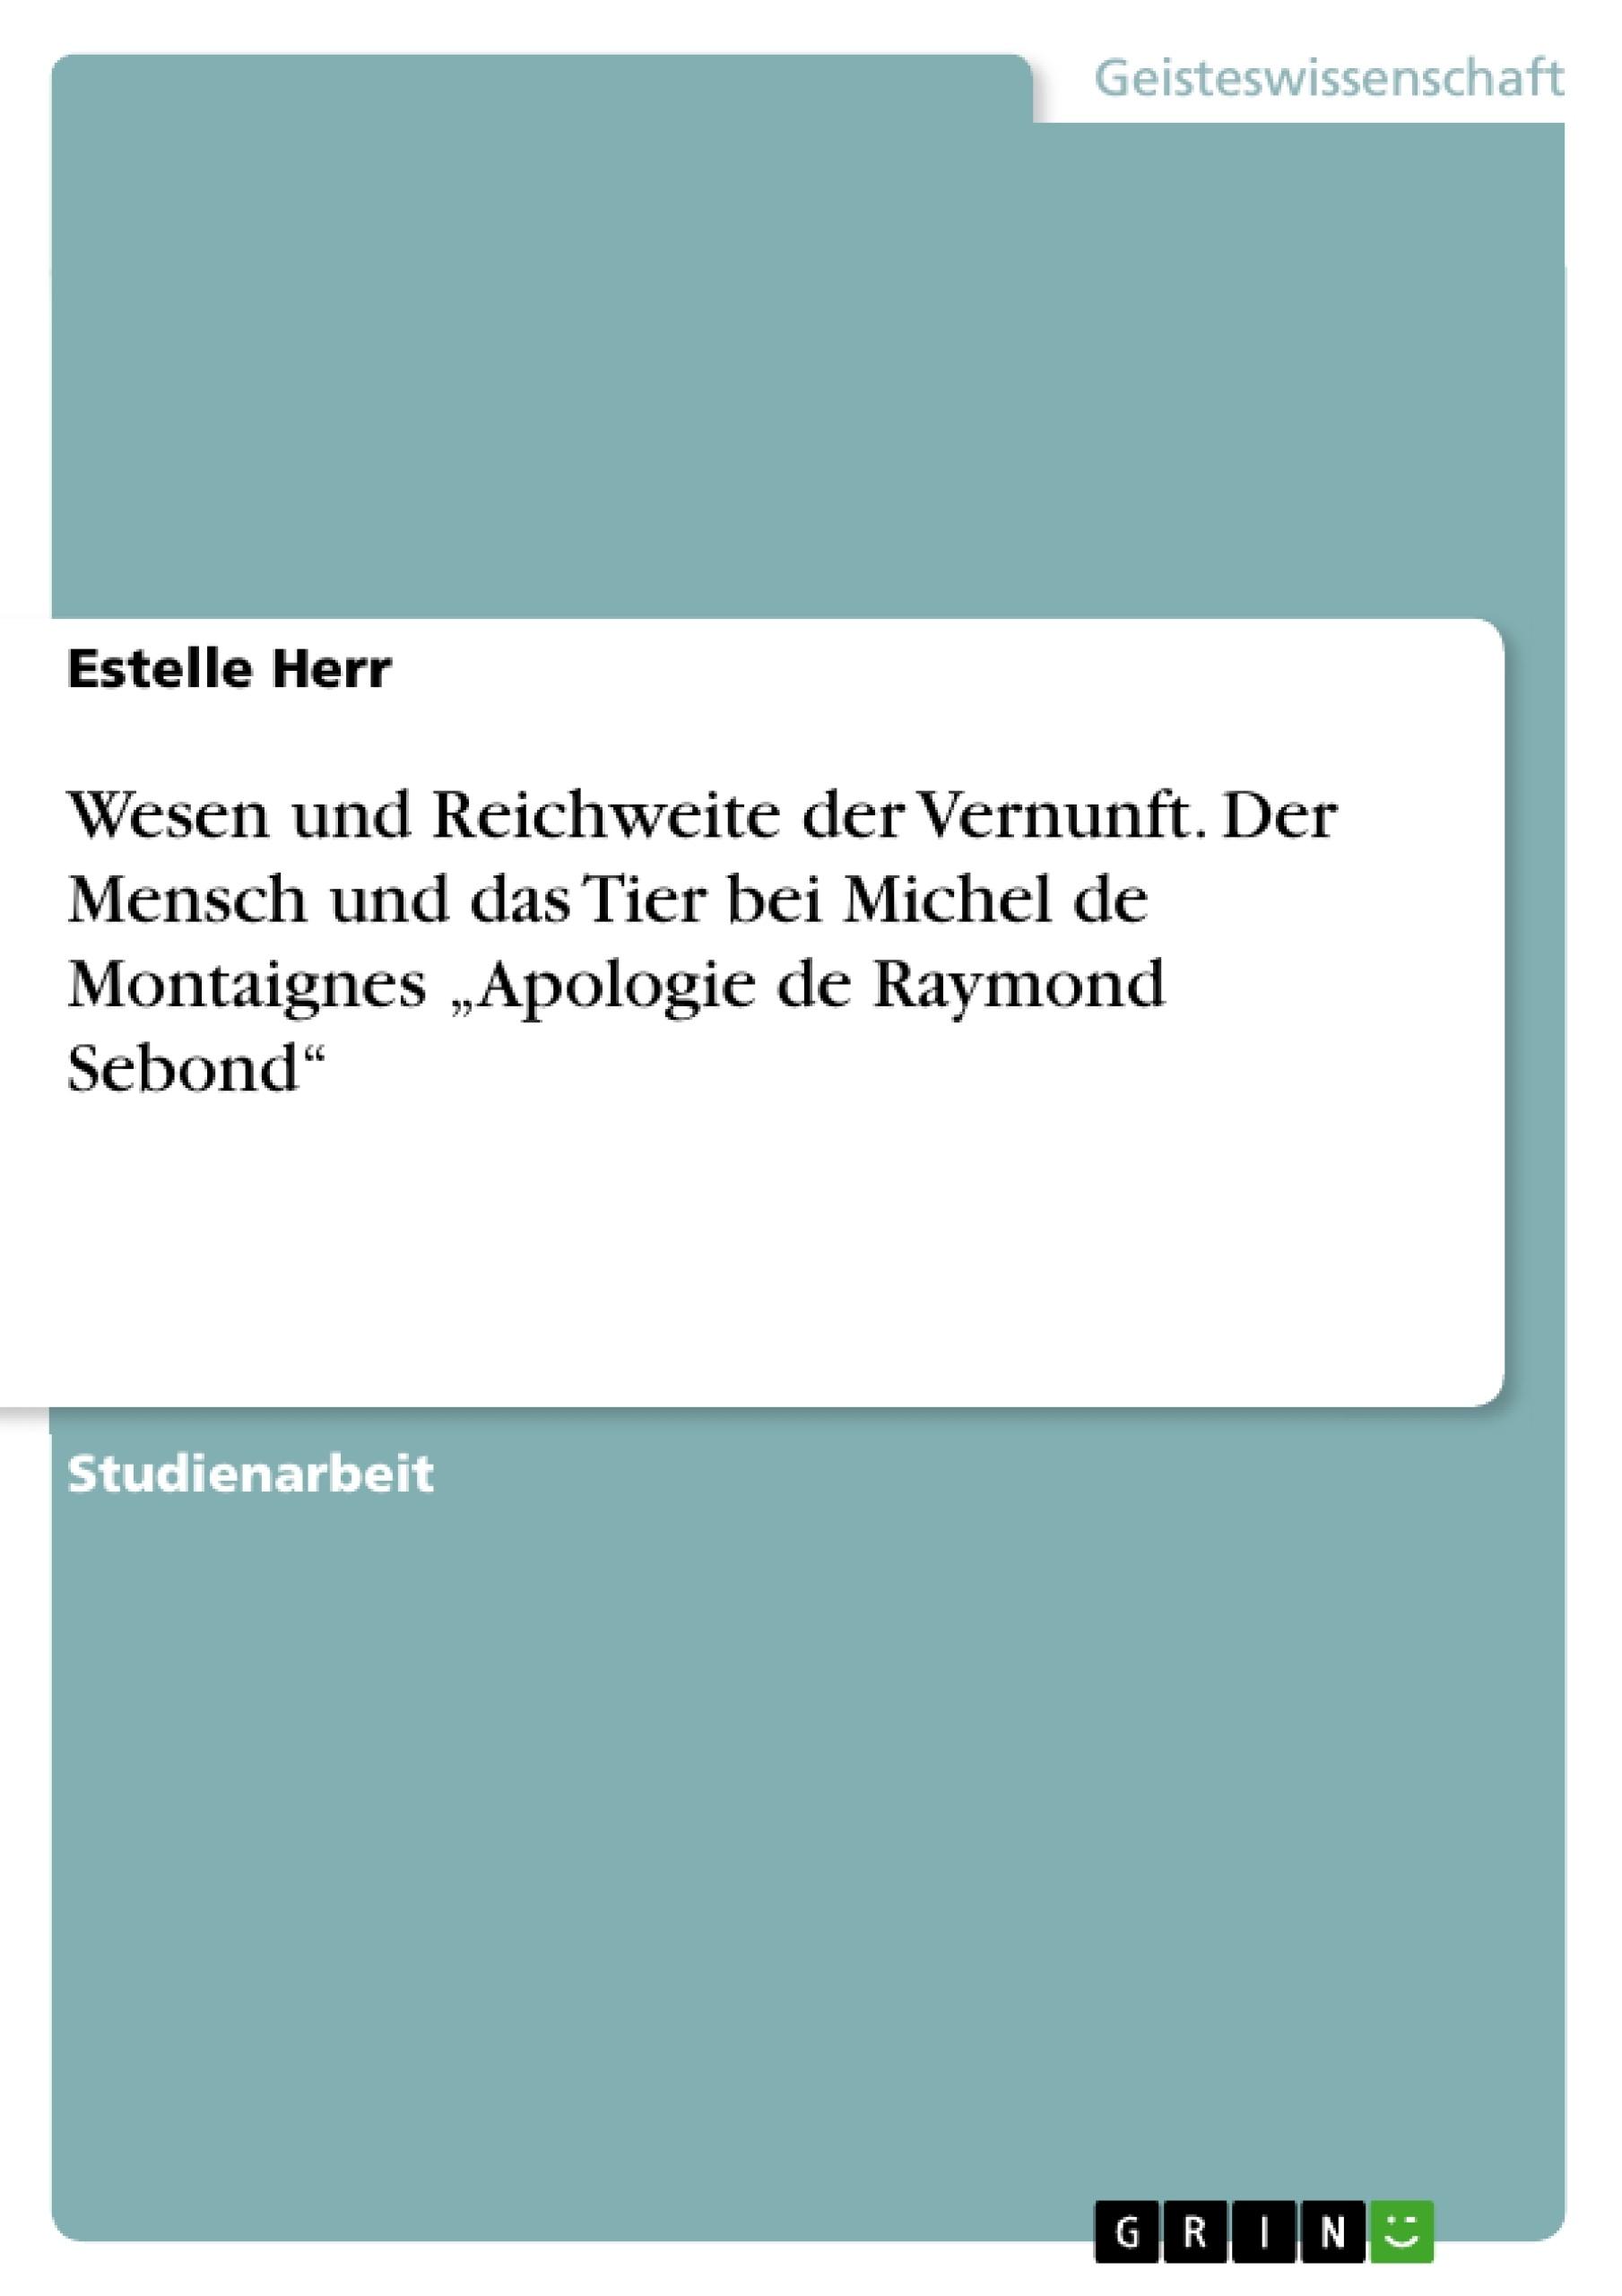 """Titel: Wesen und Reichweite der Vernunft. Der Mensch und das Tier bei Michel de Montaignes """"Apologie de Raymond Sebond"""""""